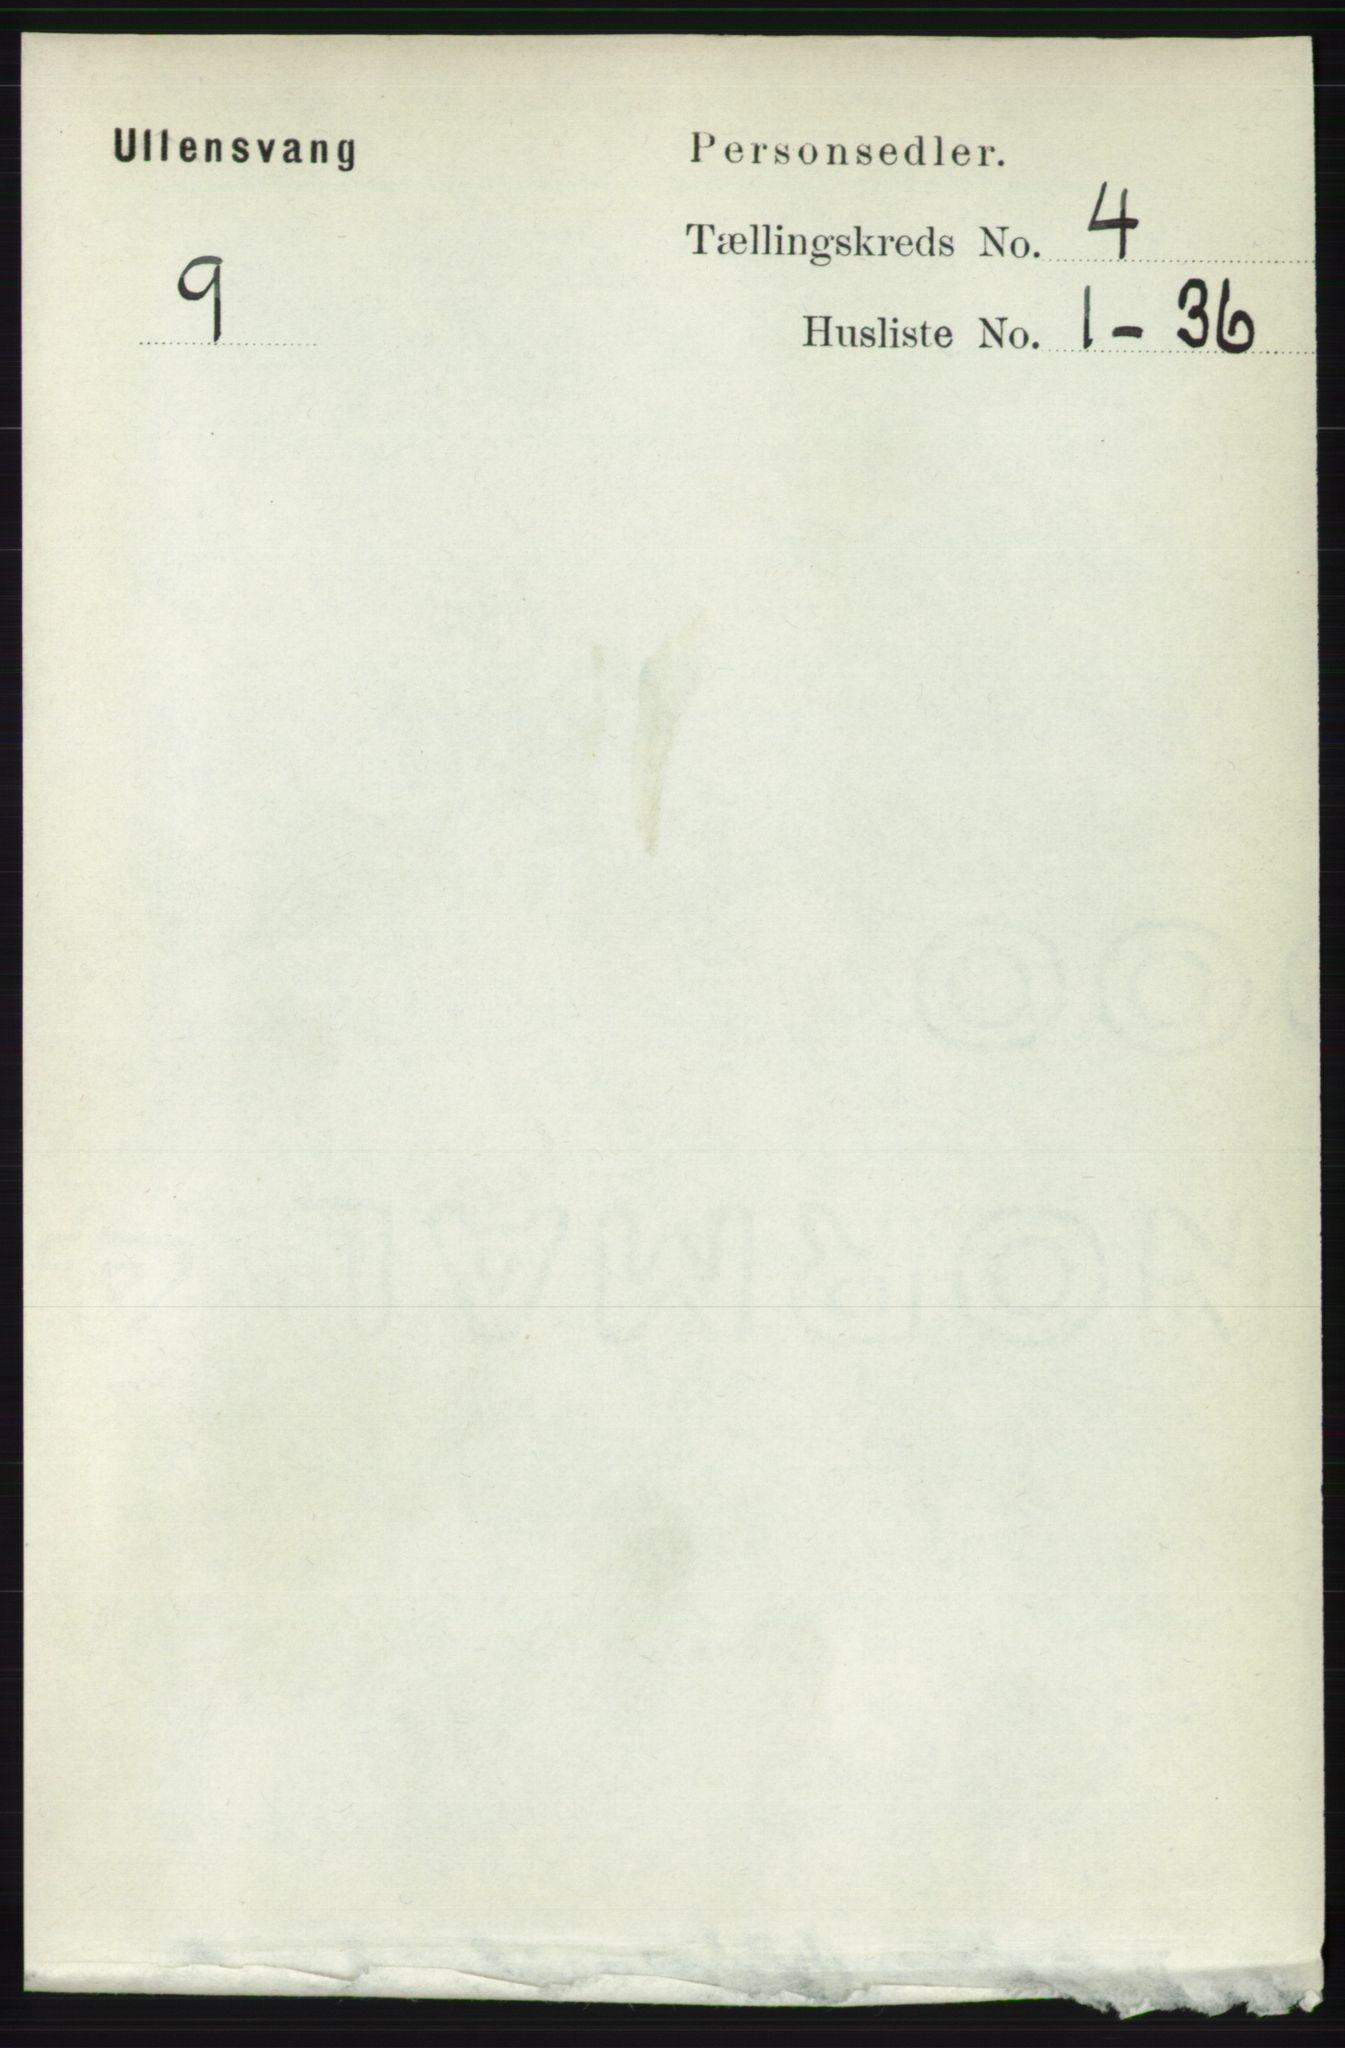 RA, Folketelling 1891 for 1230 Ullensvang herred, 1891, s. 972